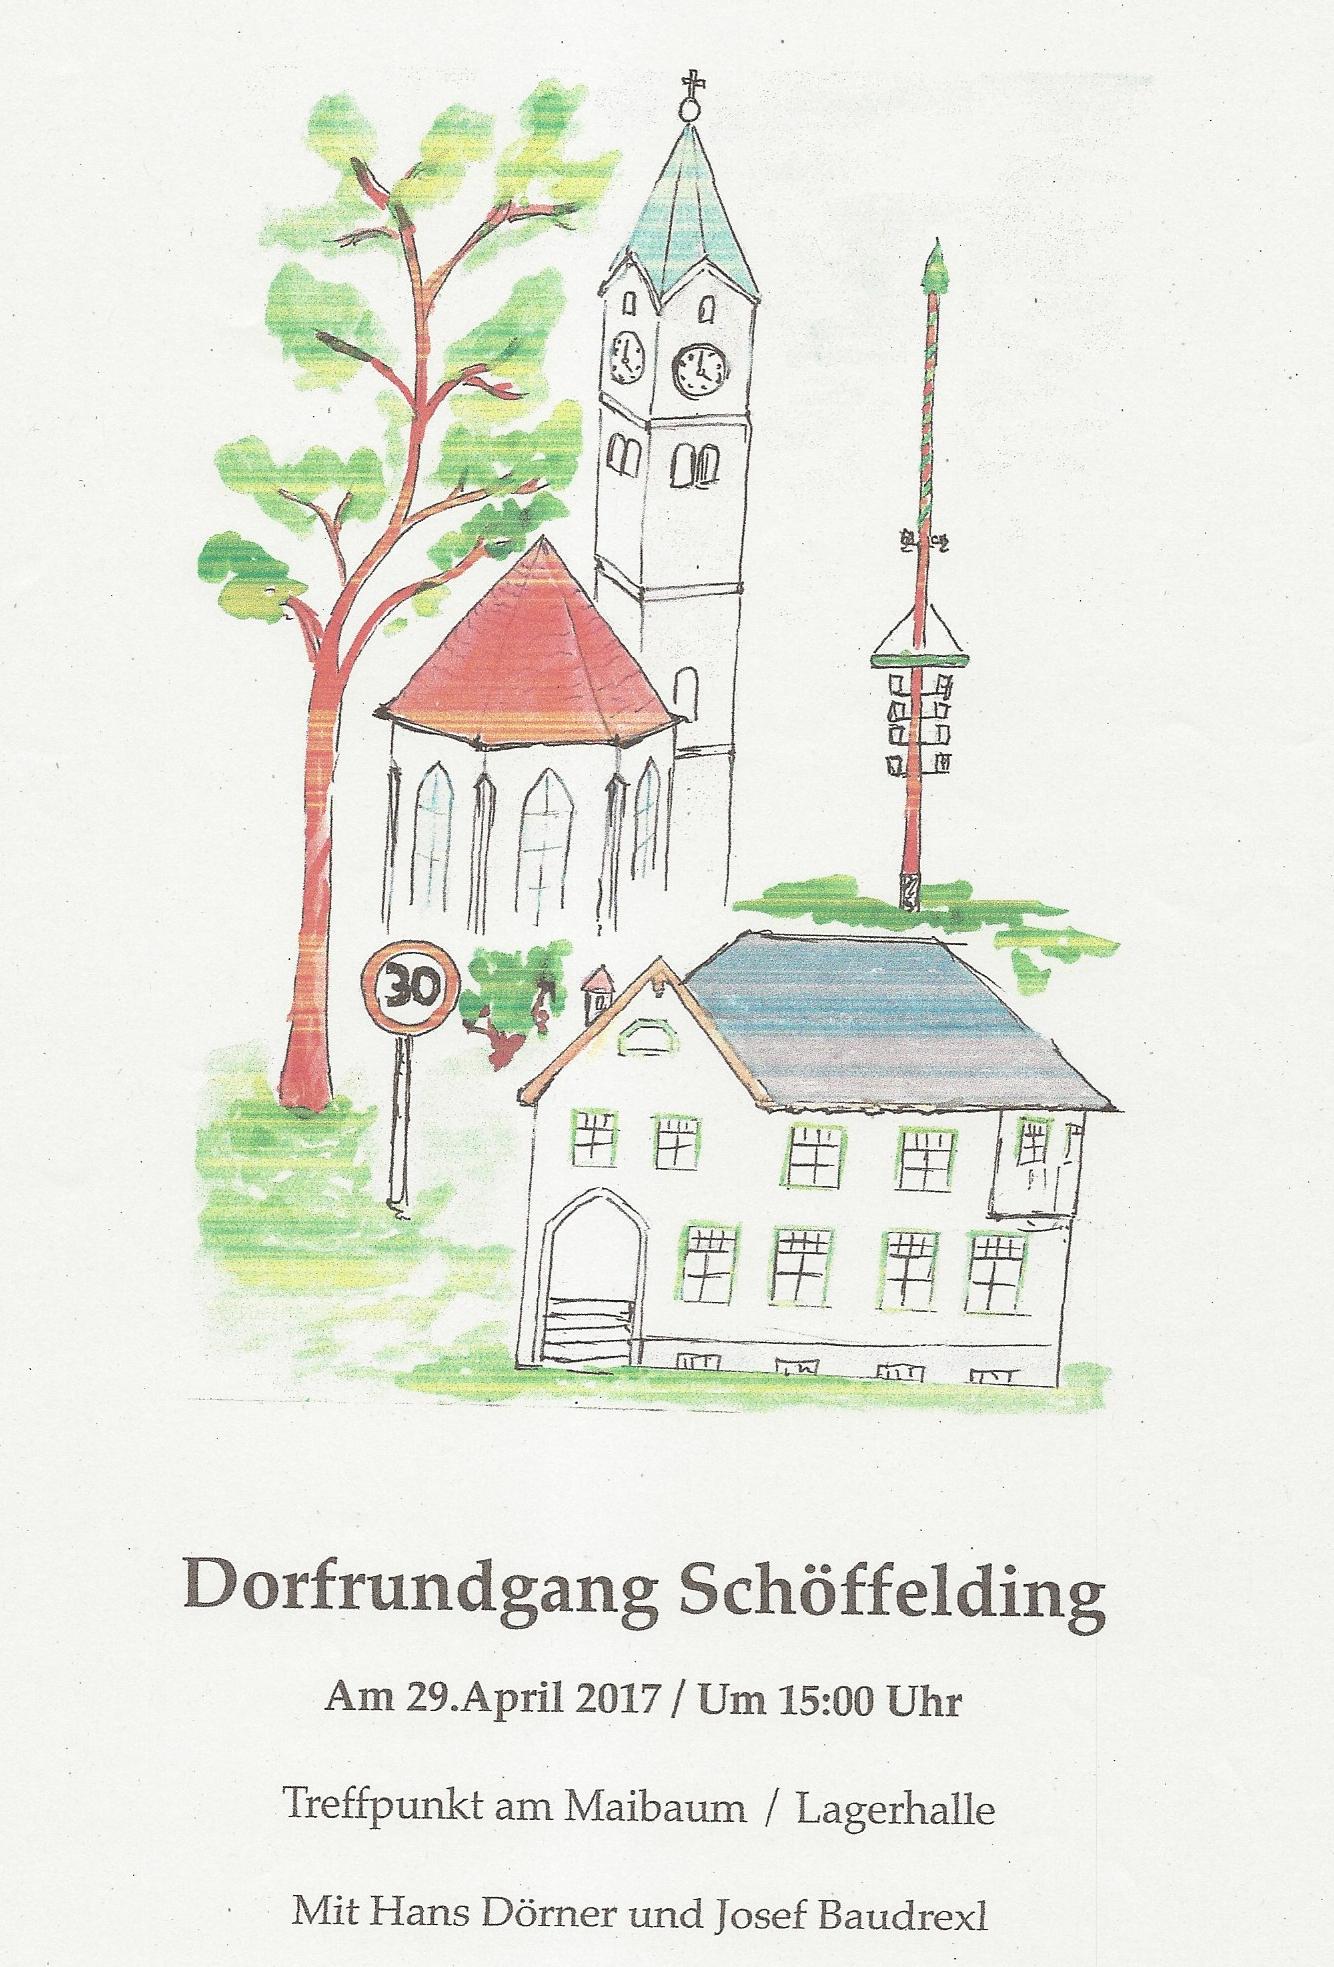 Dorfrundgang Schöffelding